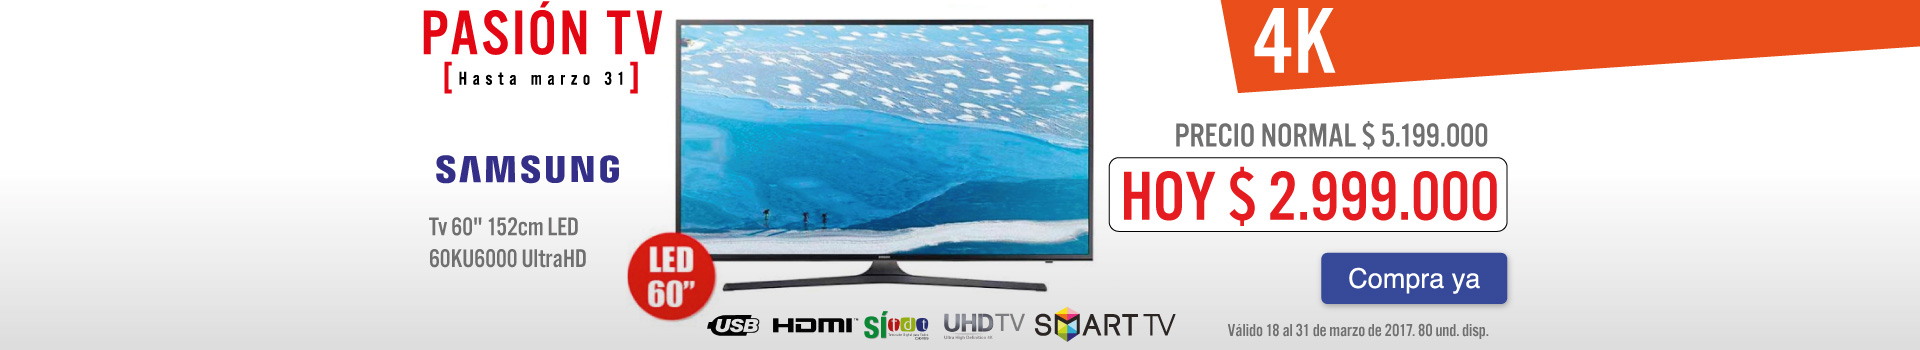 OPC -TV SG 60KU6000 - Mrz 22